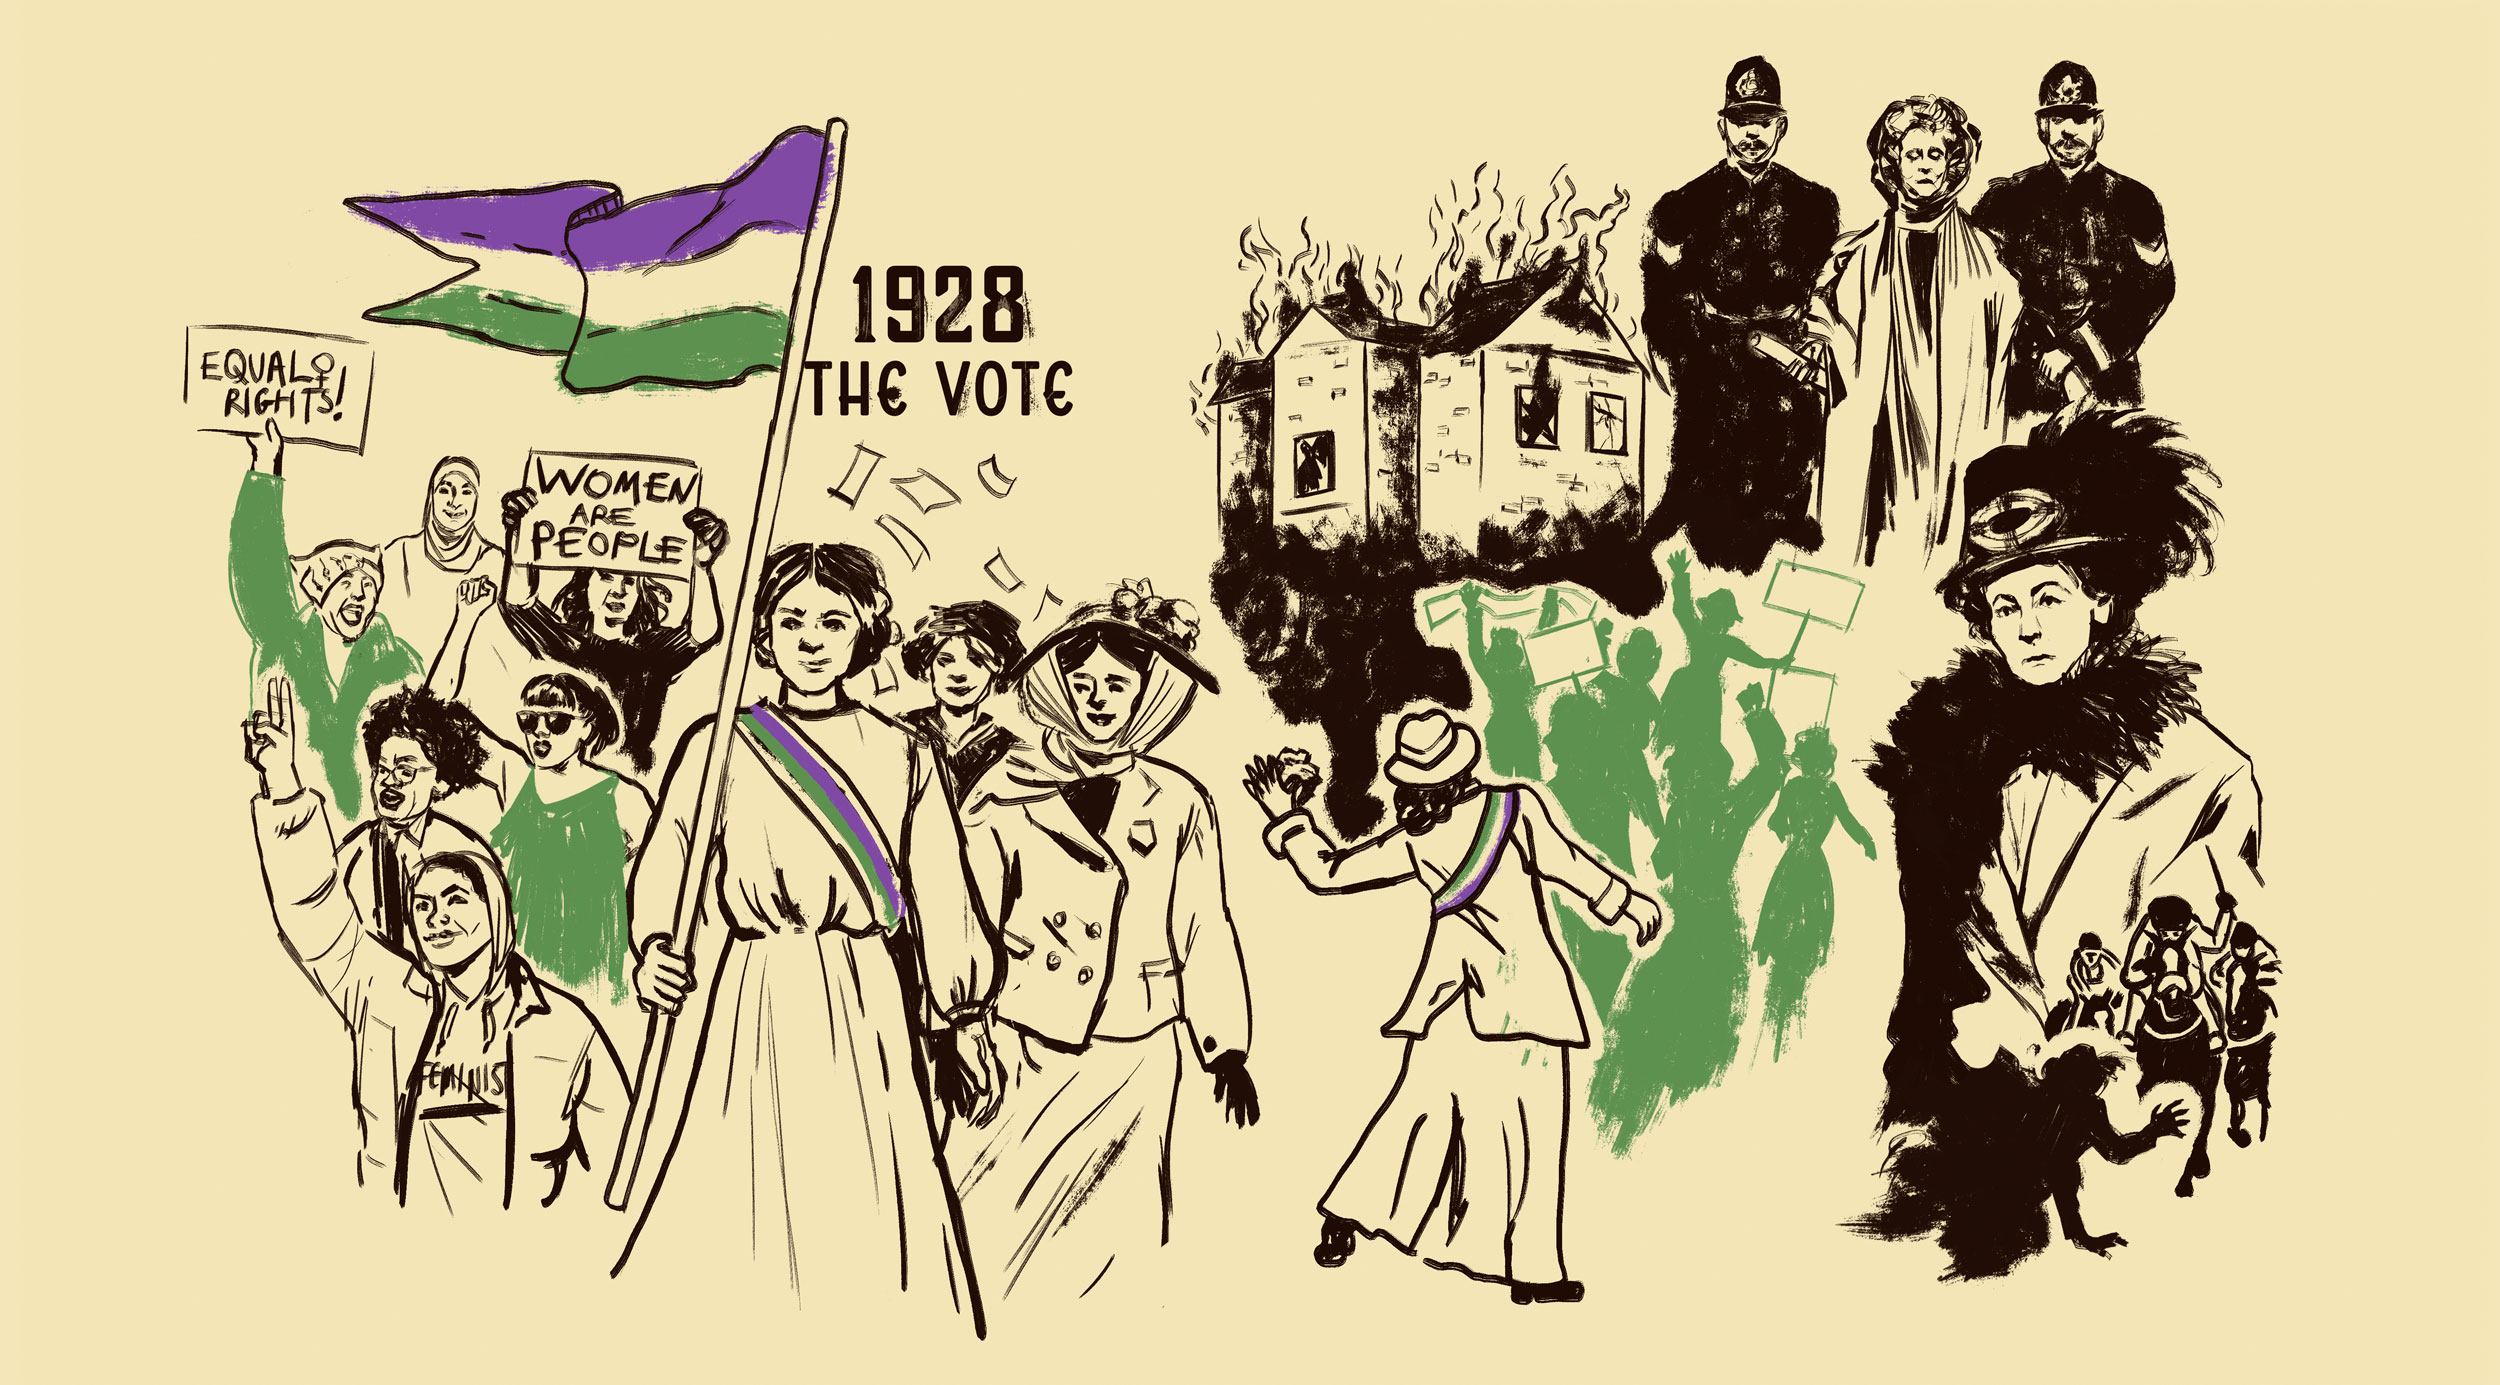 BBC_suffragettes_04.jpg